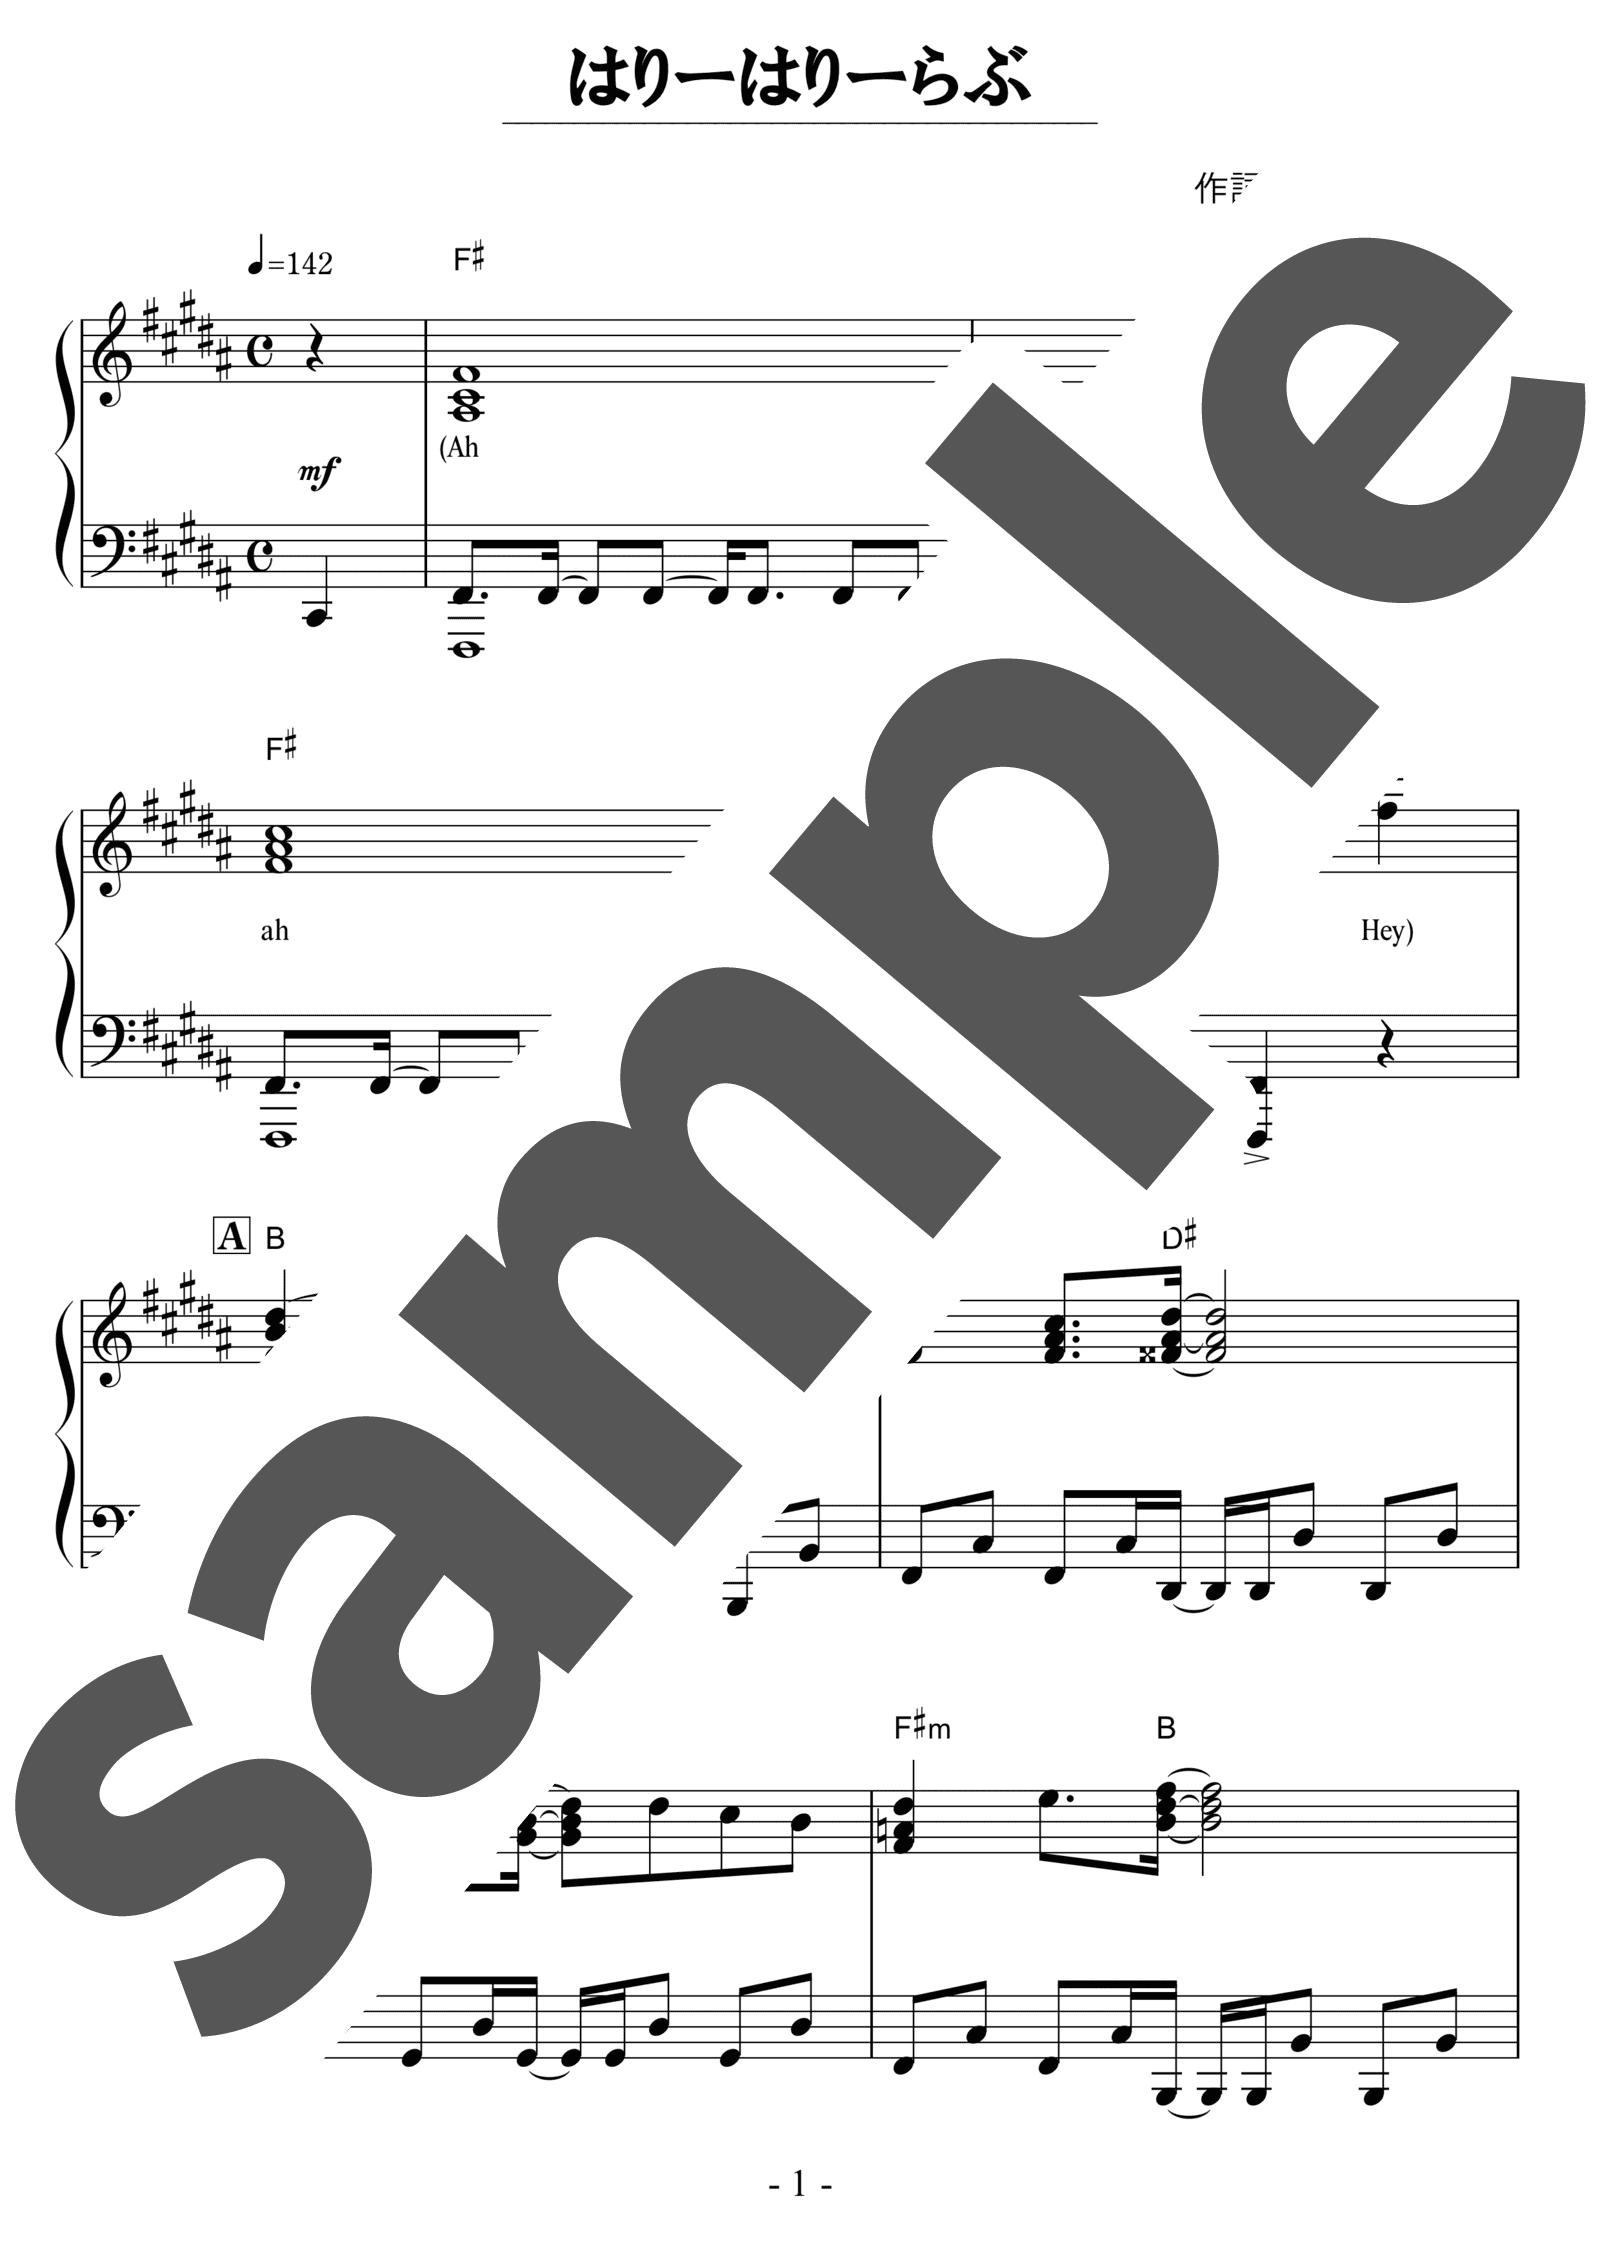 「はりーはりーらぶ」のサンプル楽譜